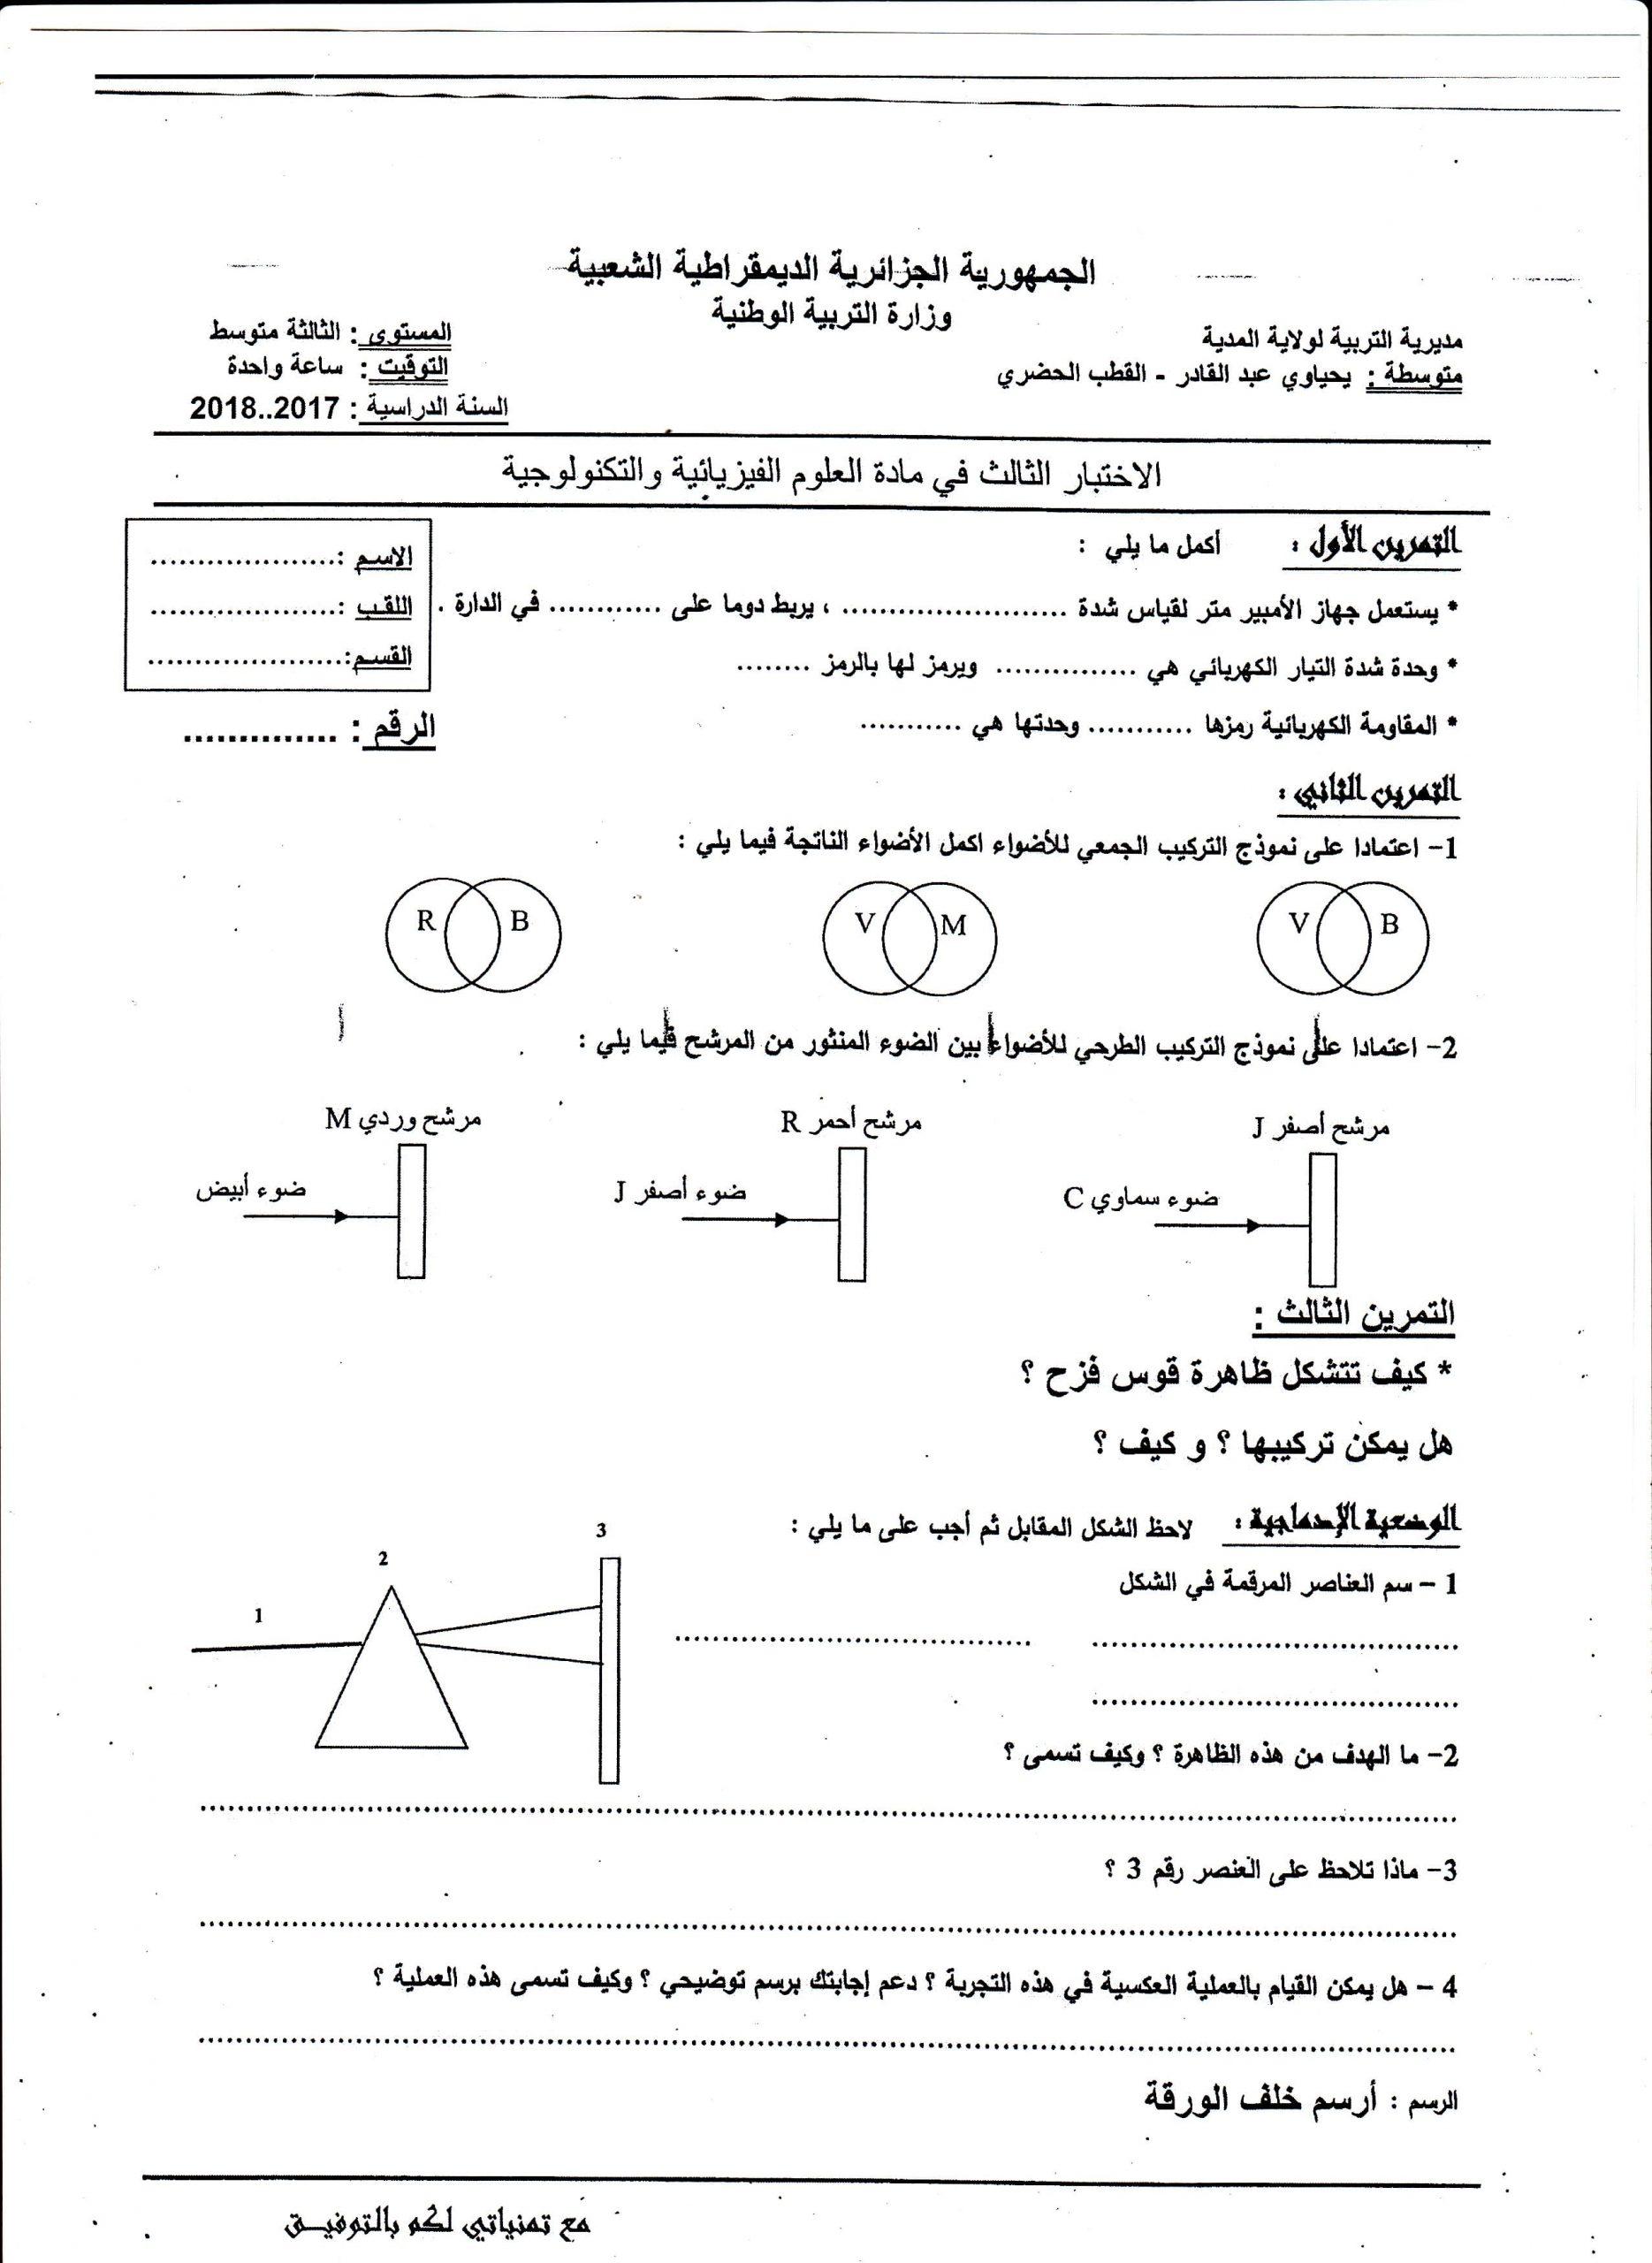 اختبار الفصل الثالث في العلوم الفيزيائية السنة الثالثة متوسط | الموضوع 04